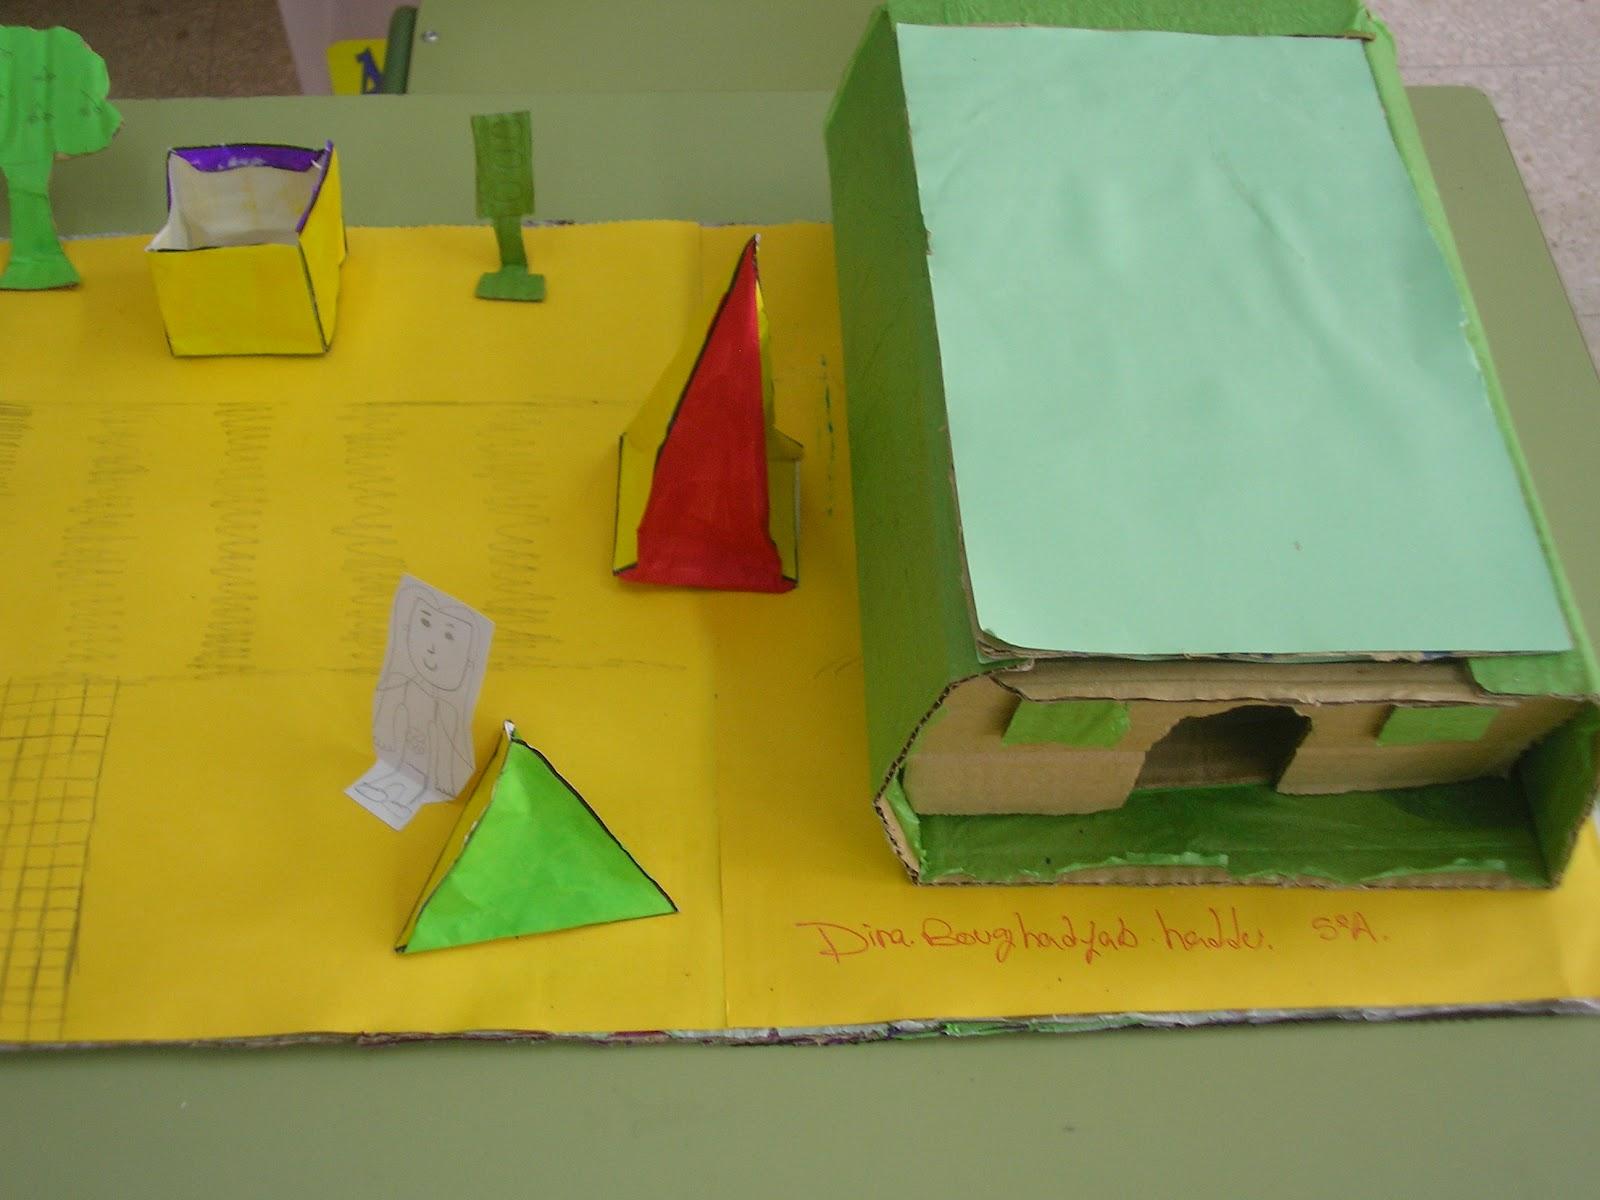 de matematicas hemos hecho unas maquetas con figuras geométricas de